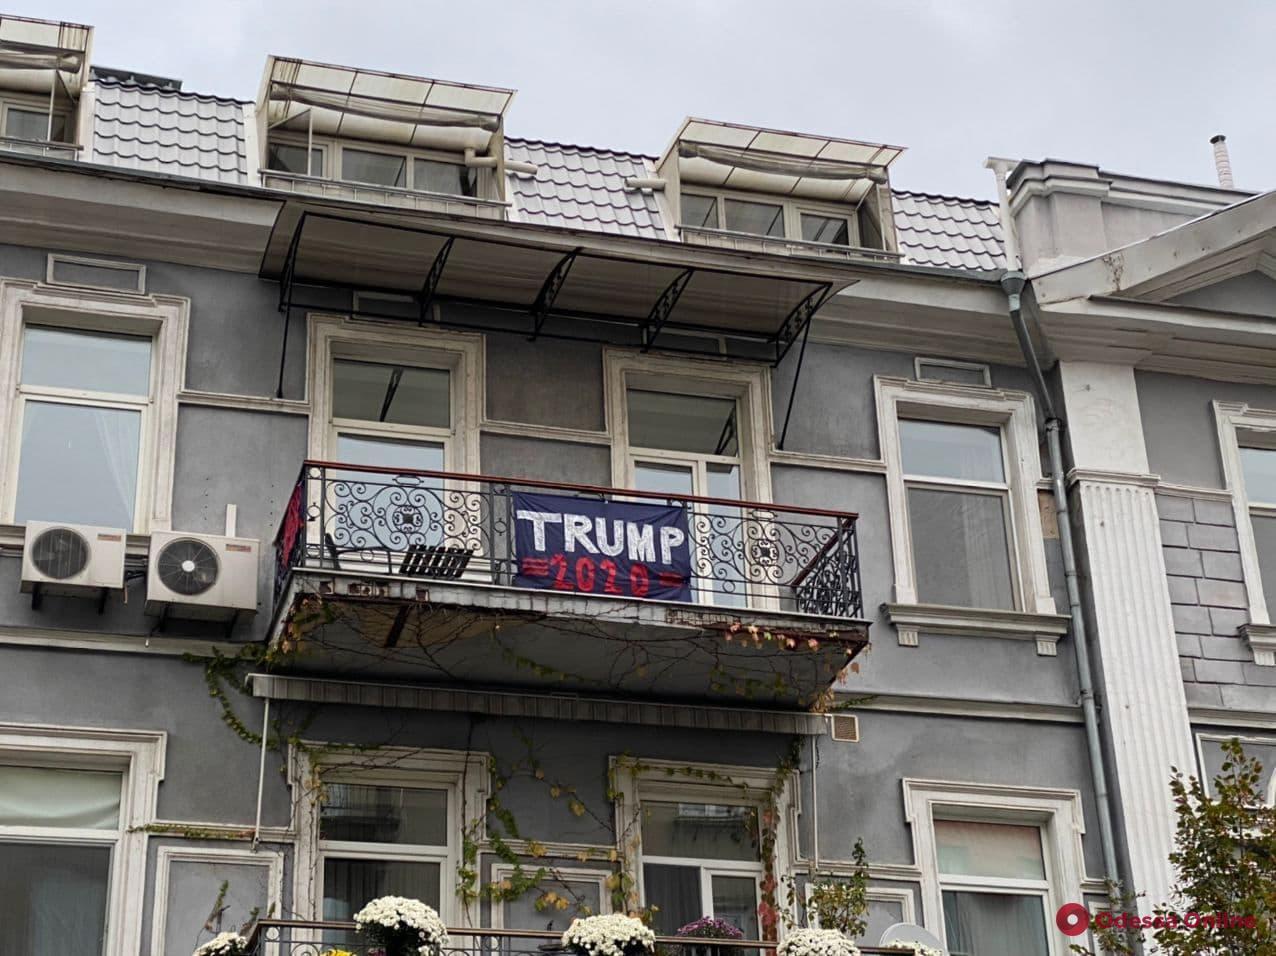 В центре Одессы на балконе вывесили растяжку в поддержку Трампа (фотофакт)